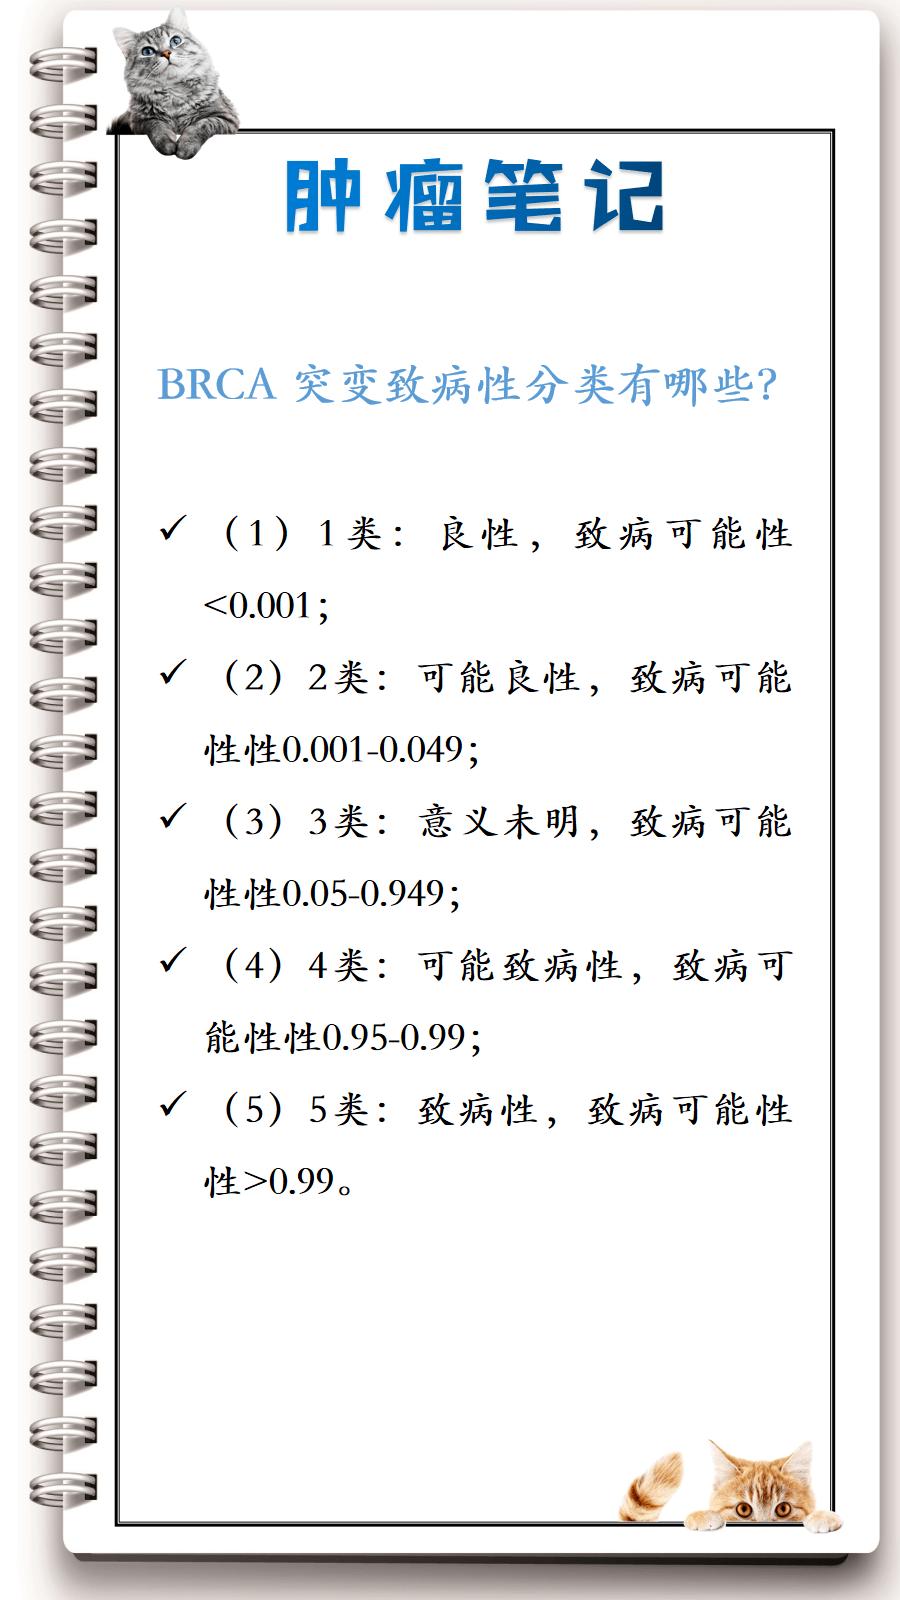 BRCA突变的致病性分类有哪些?